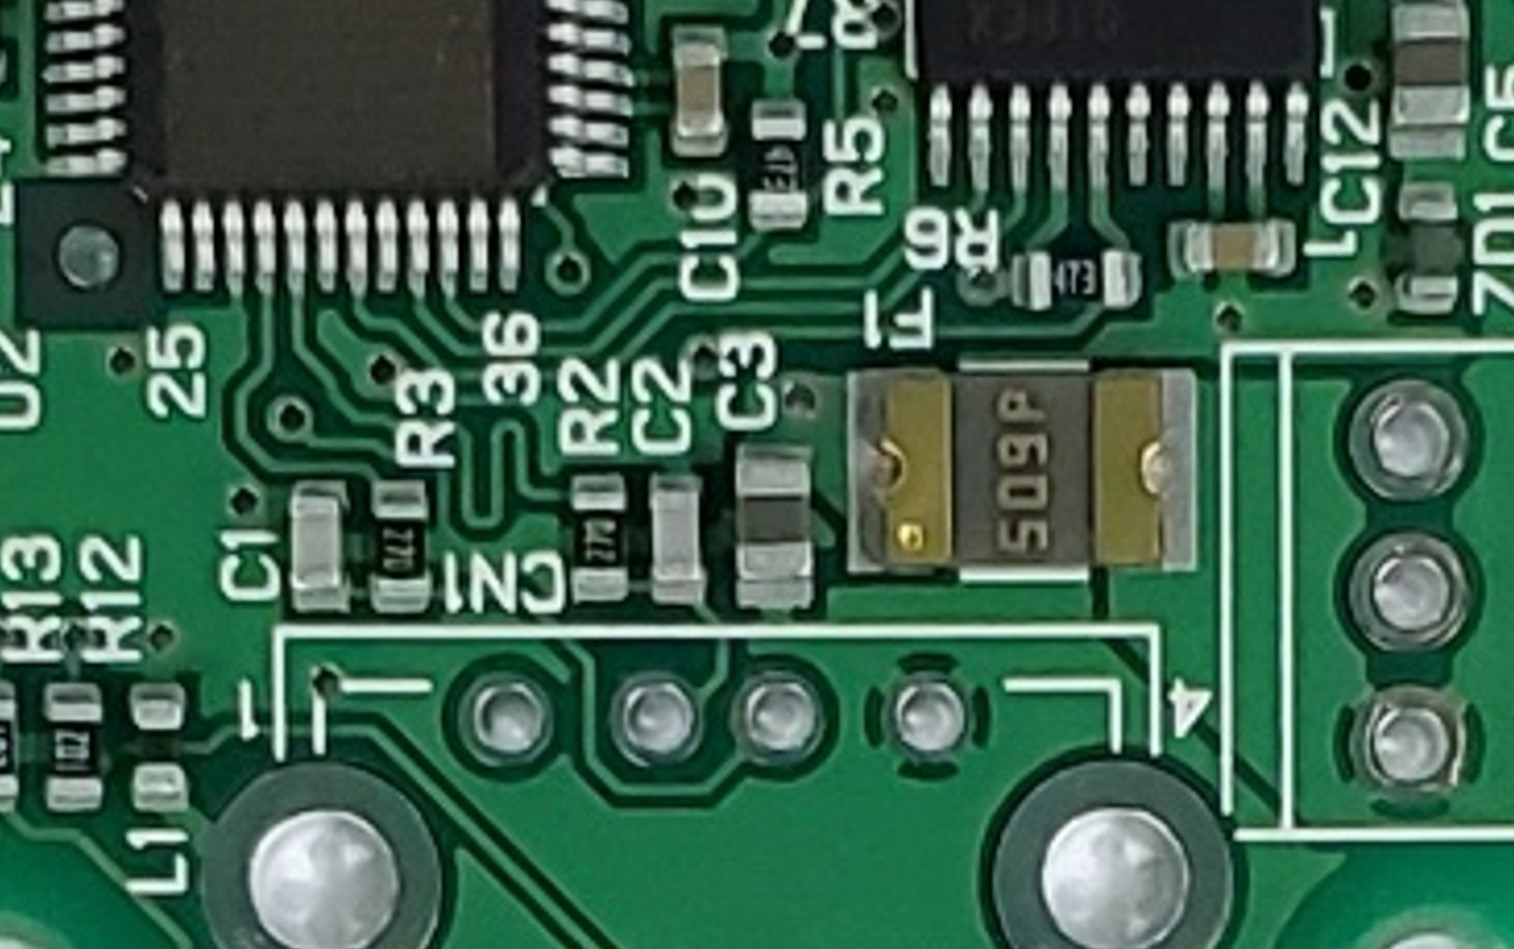 USBメモリ用インターフェース基板